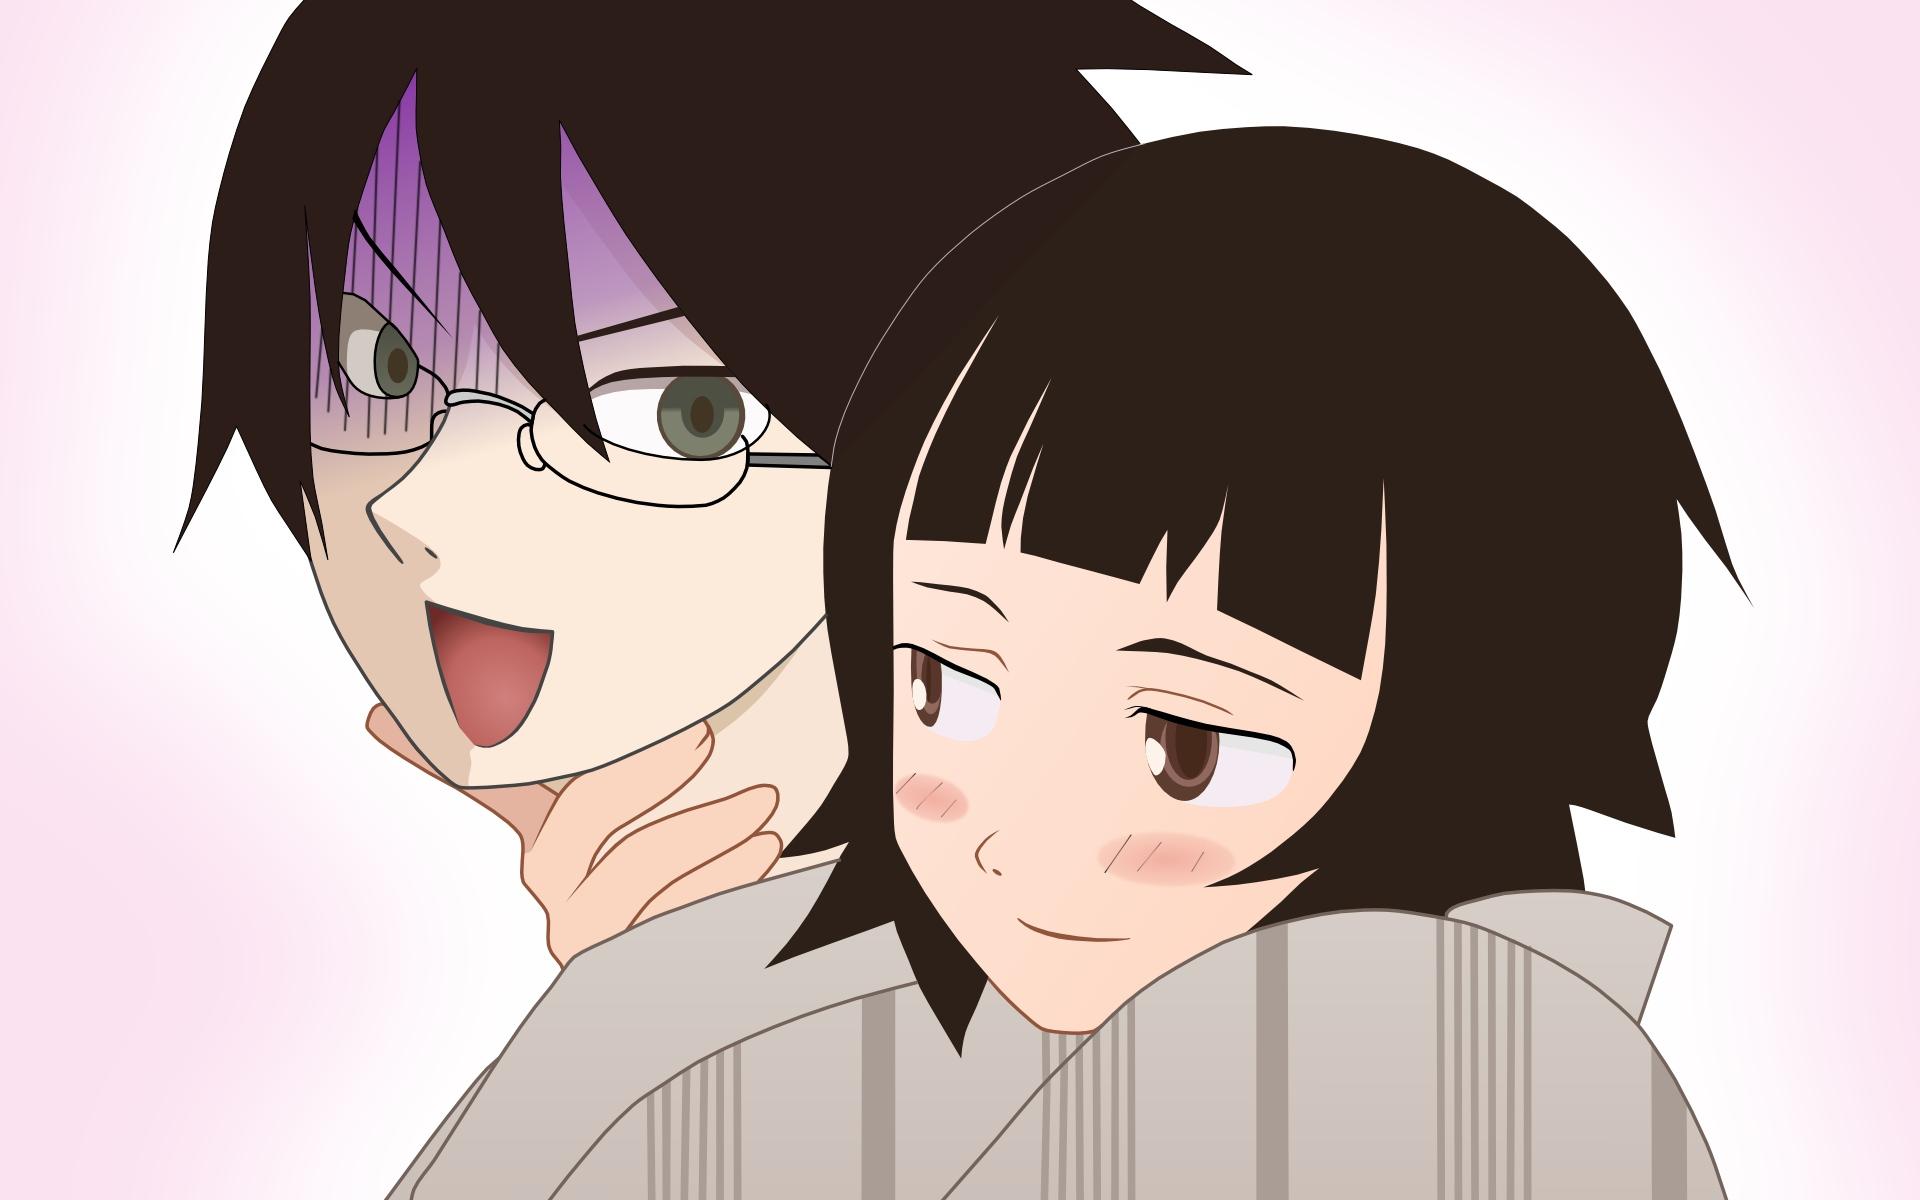 blush glasses itoshiki_nozomu sayonara_zetsubou_sensei tsunetsuki_matoi